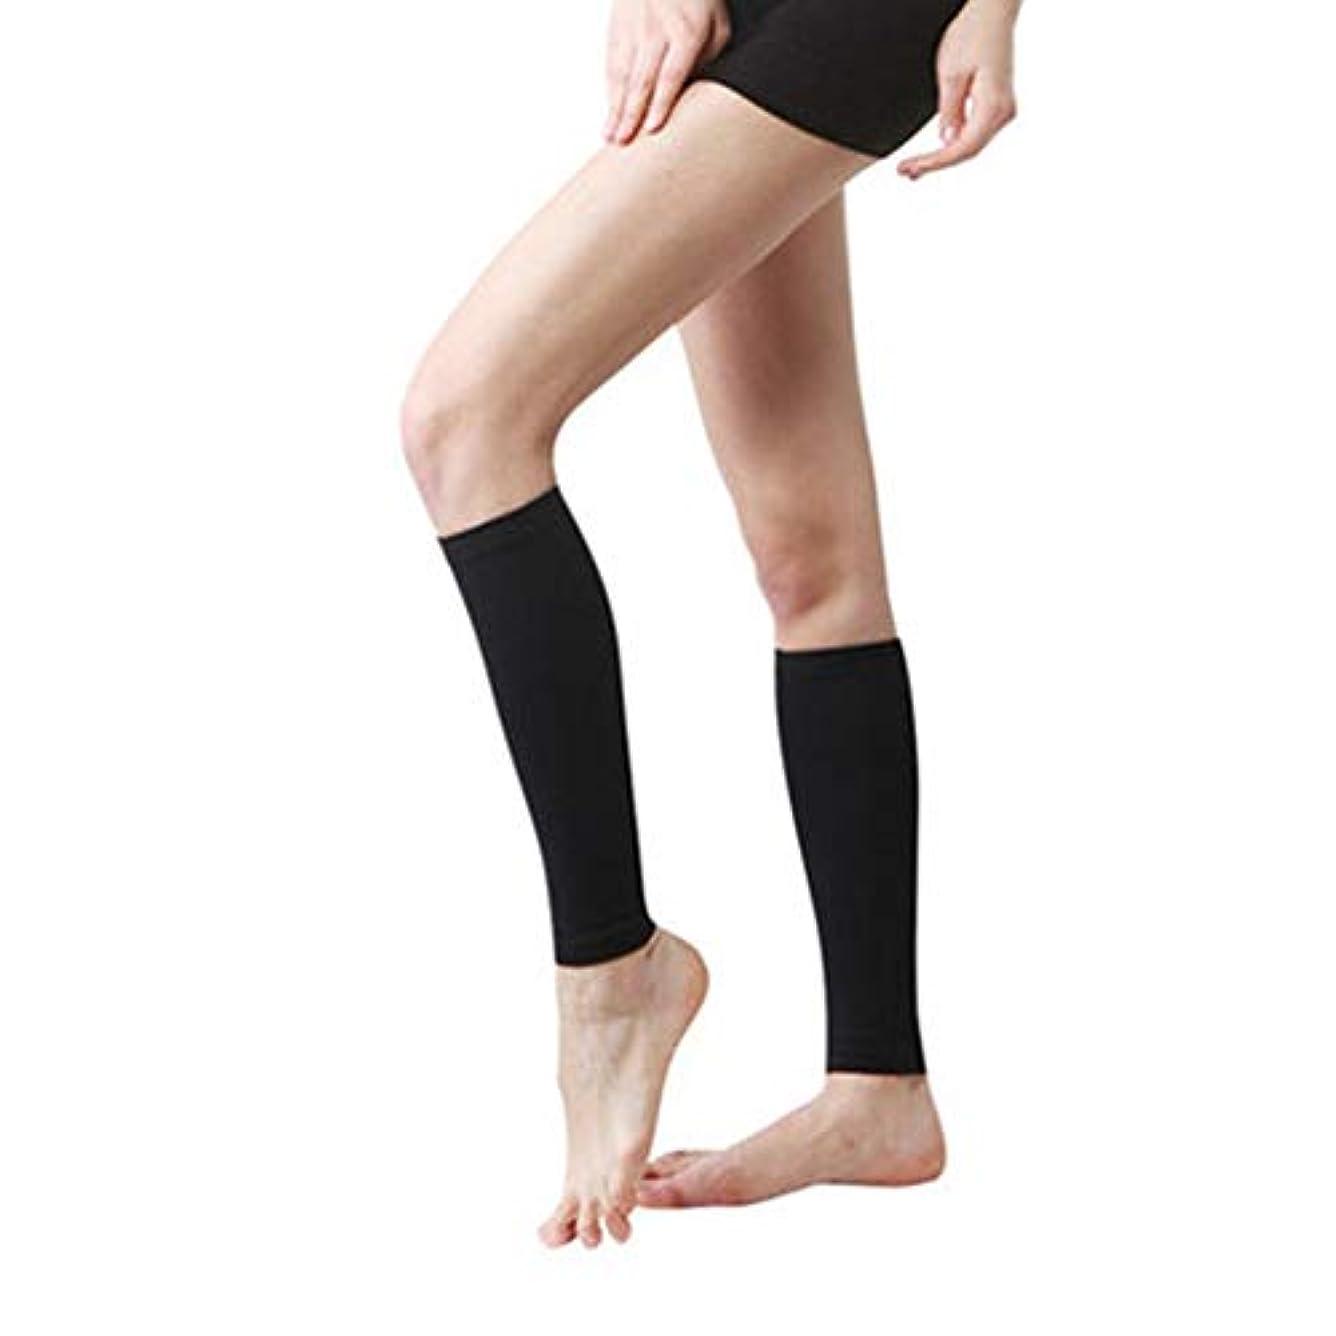 最適枠試み丈夫な男性女性プロの圧縮靴下通気性のある旅行活動看護師用シンススプリントフライトトラベル - ブラック